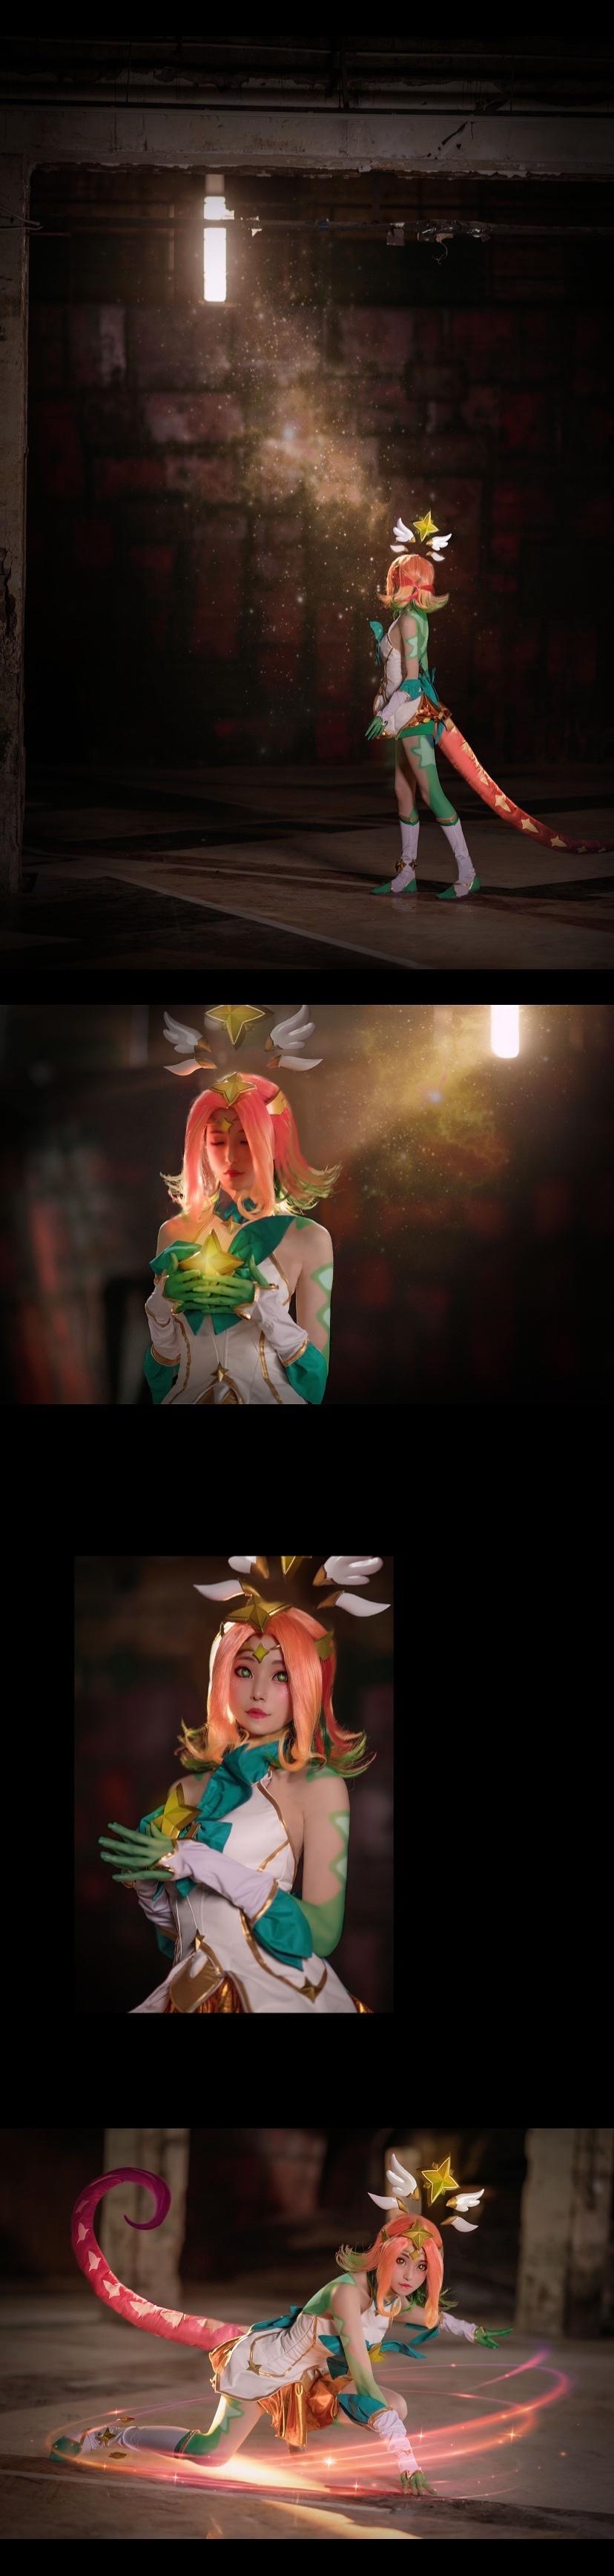 《英雄联盟》游戏cosplay【CN:魂音】-第3张